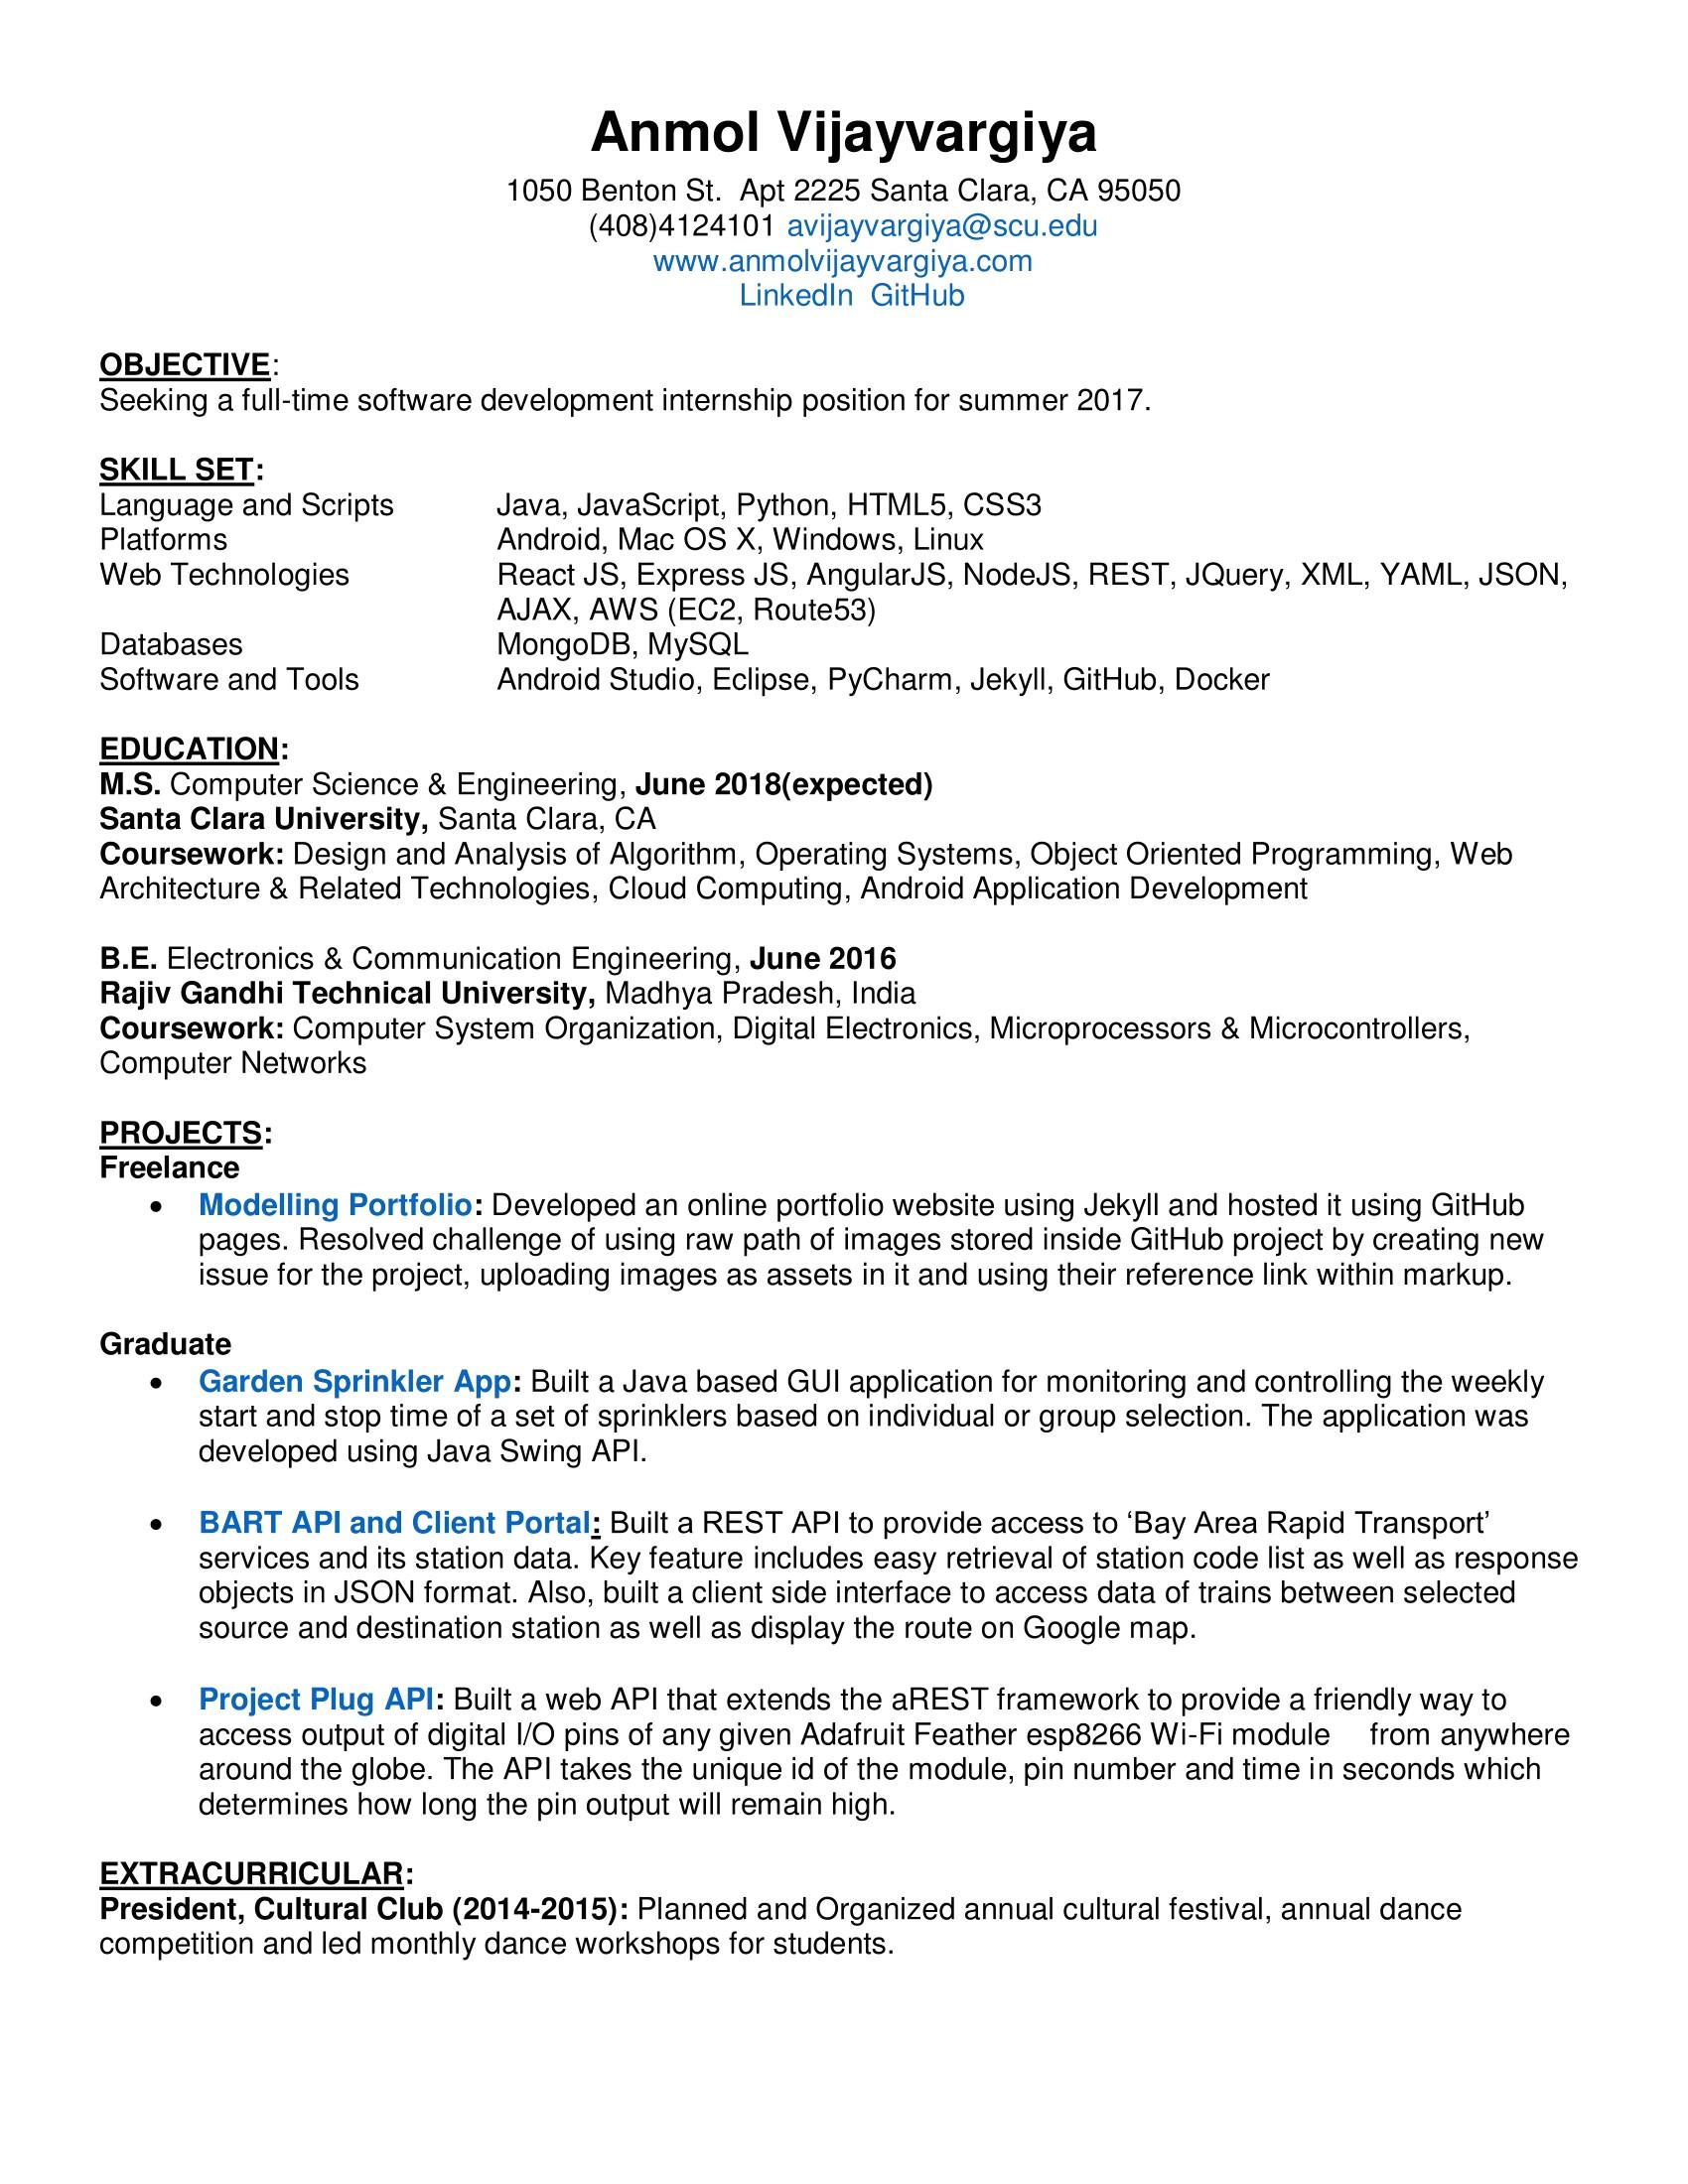 angularjs developer resume